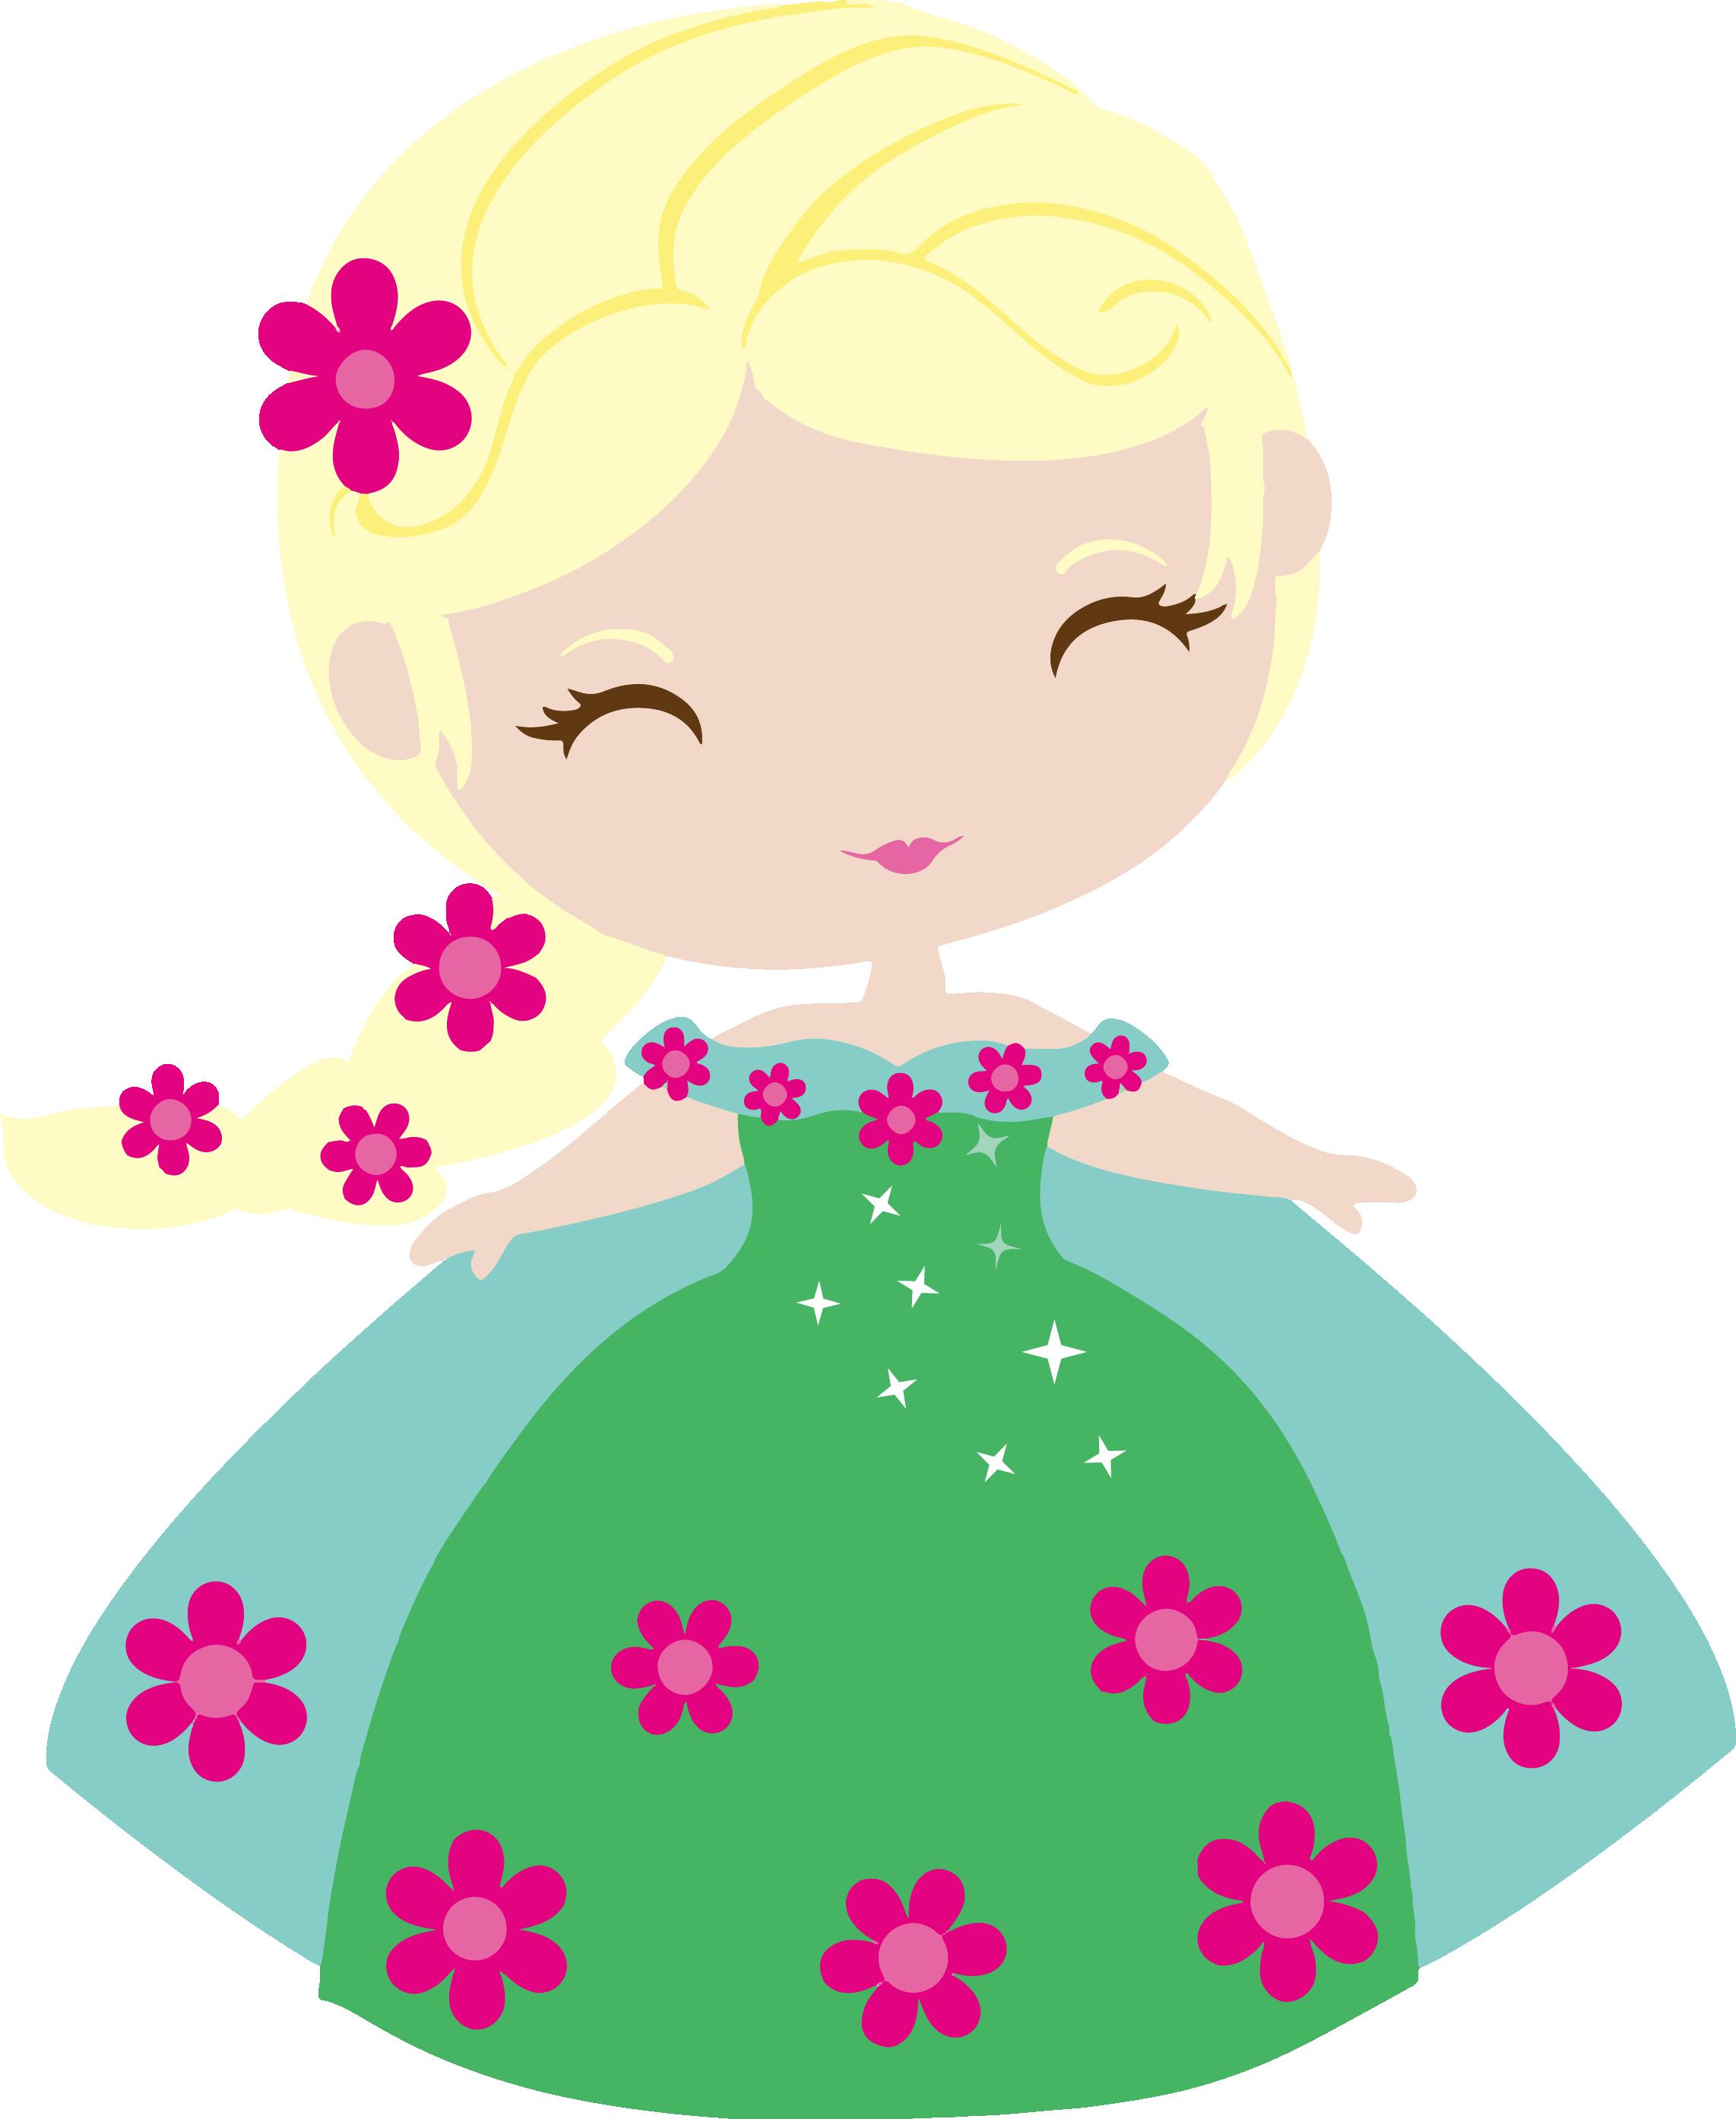 Frozen Fever Elsa - Anna Cute Frozen Fever (2284x2788), Png Download